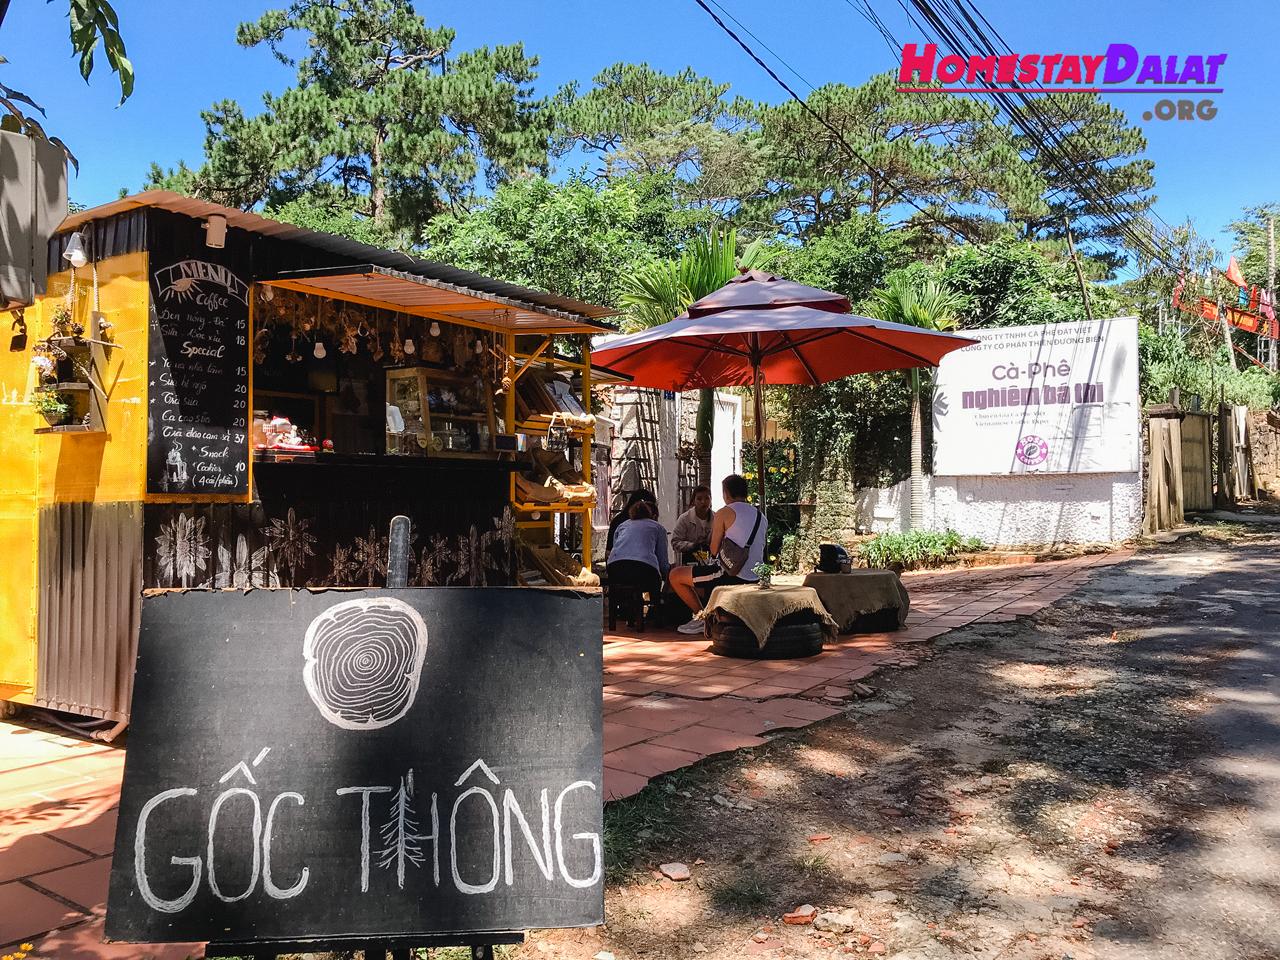 Góc Thông Cafe | Quán Cà Phê Lề Đường Yên Tĩnh Nhất Đà Lạt